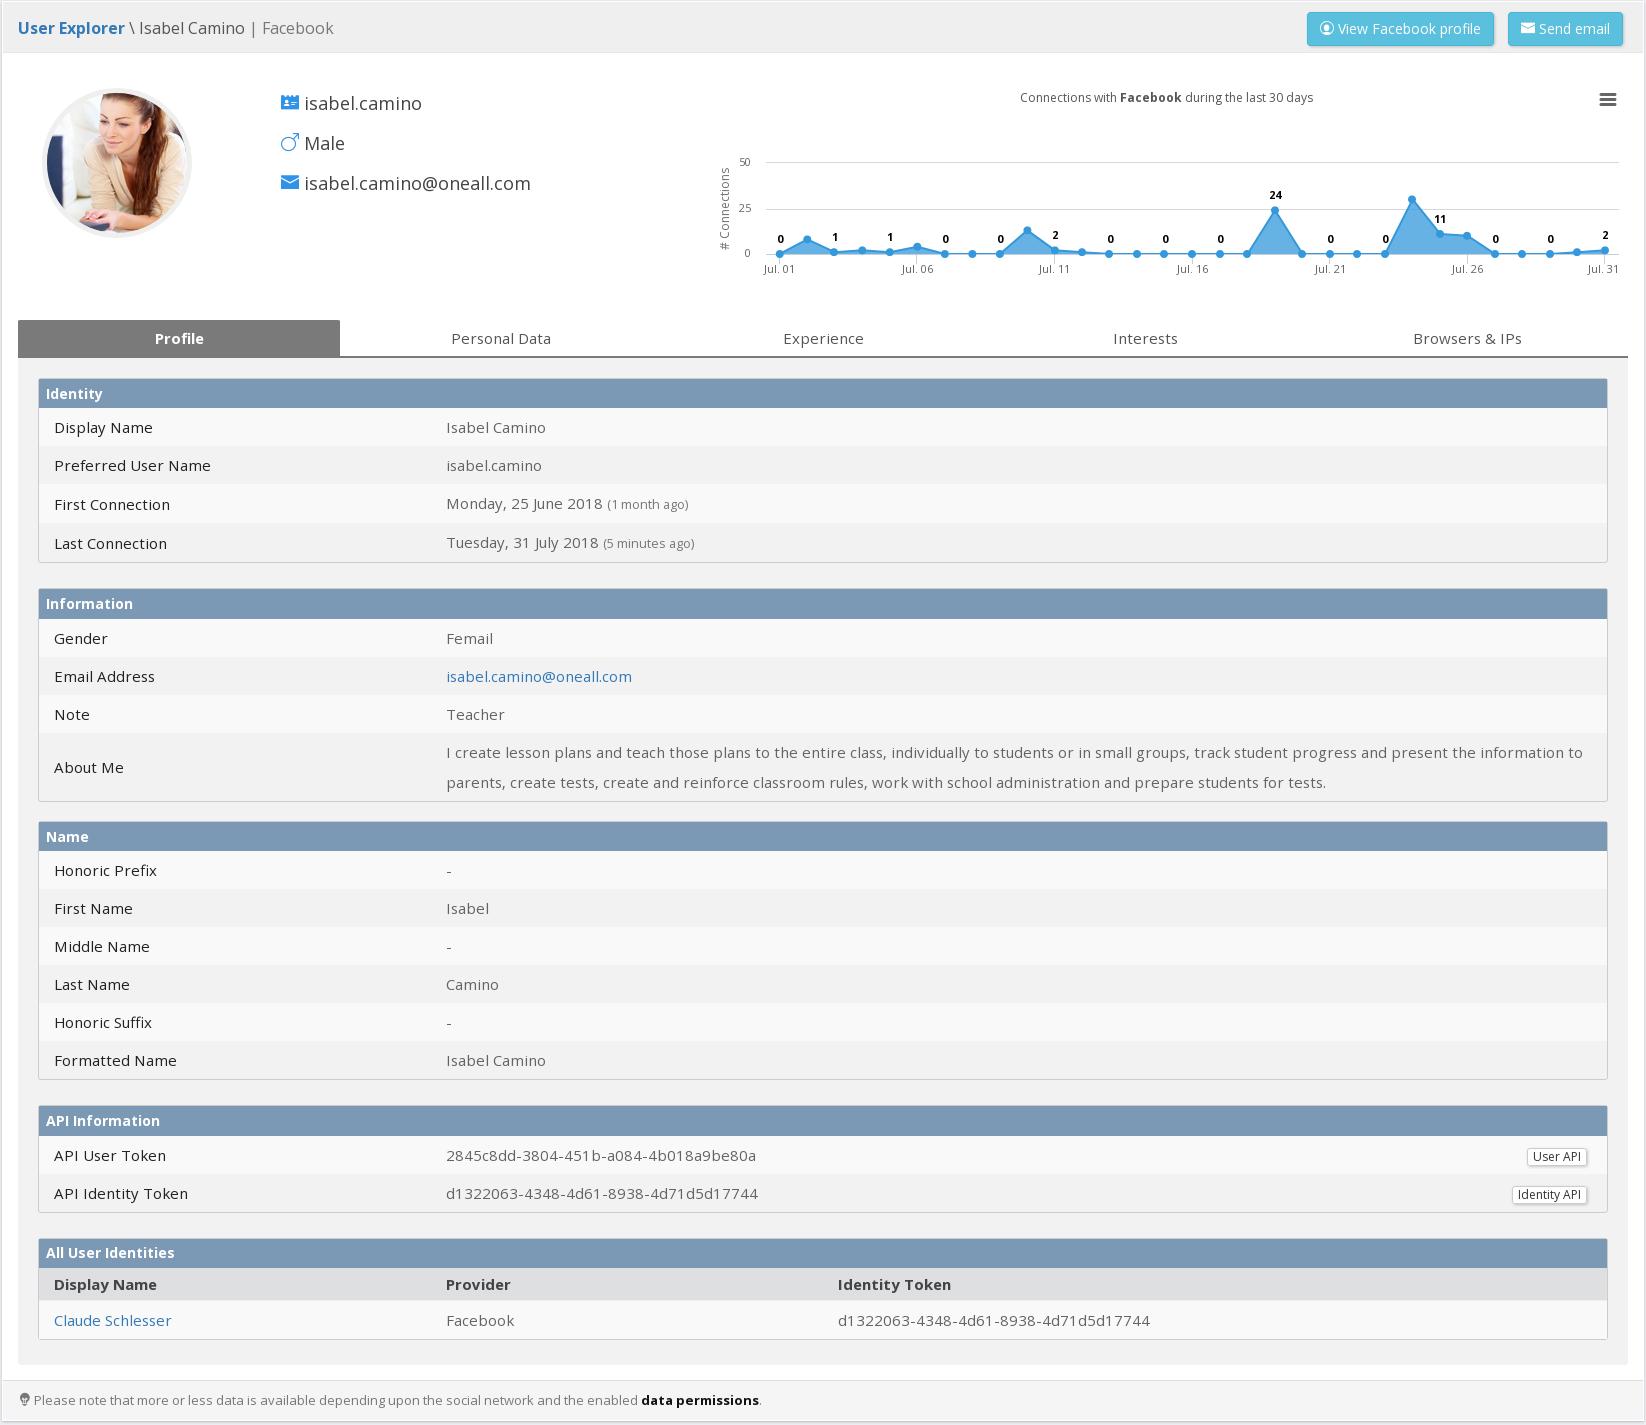 User Profile Data